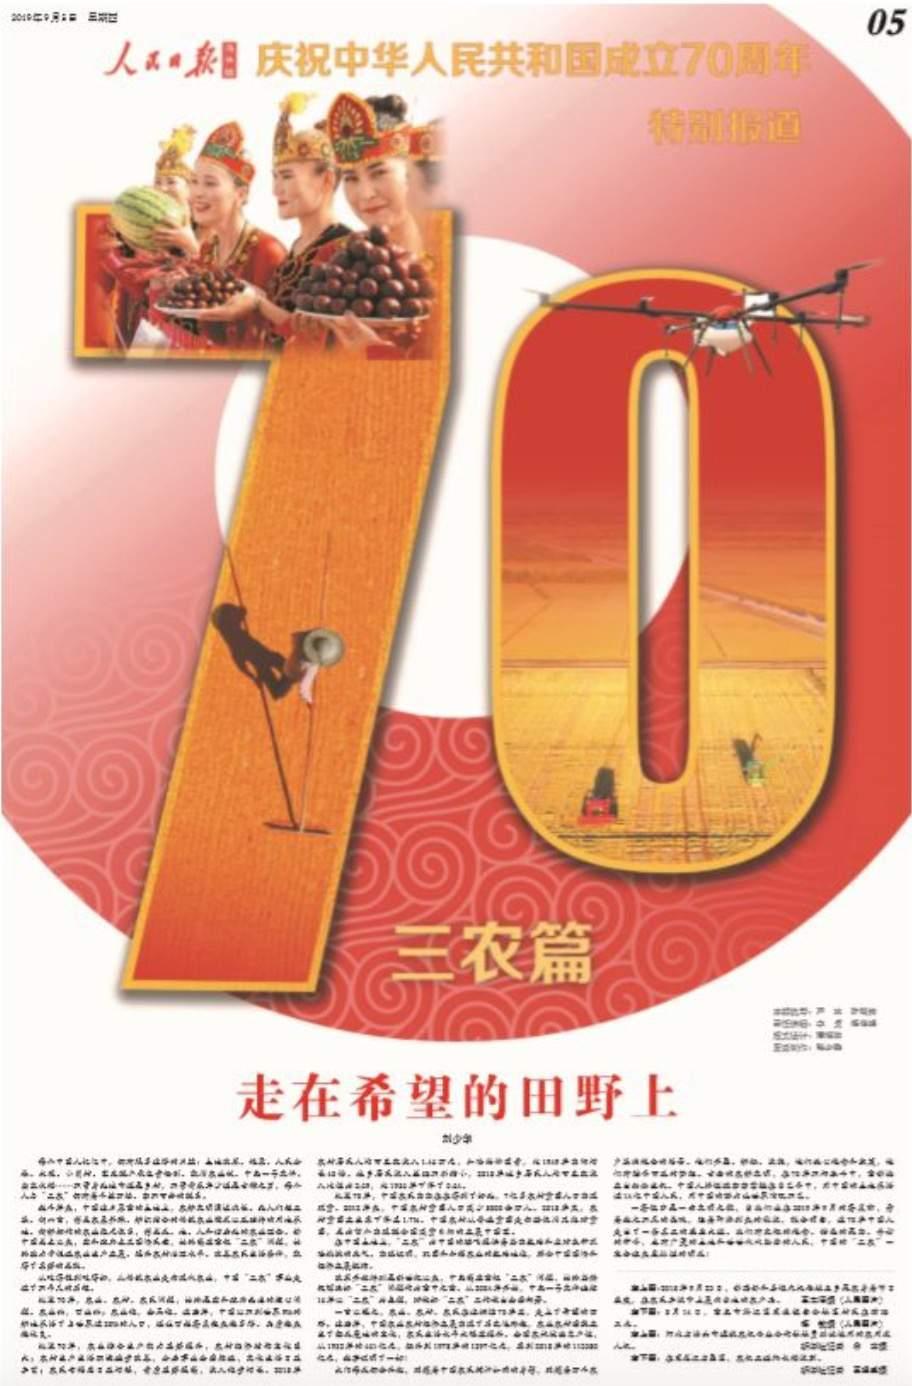 一群党报人献给新中国70华诞的特别策划